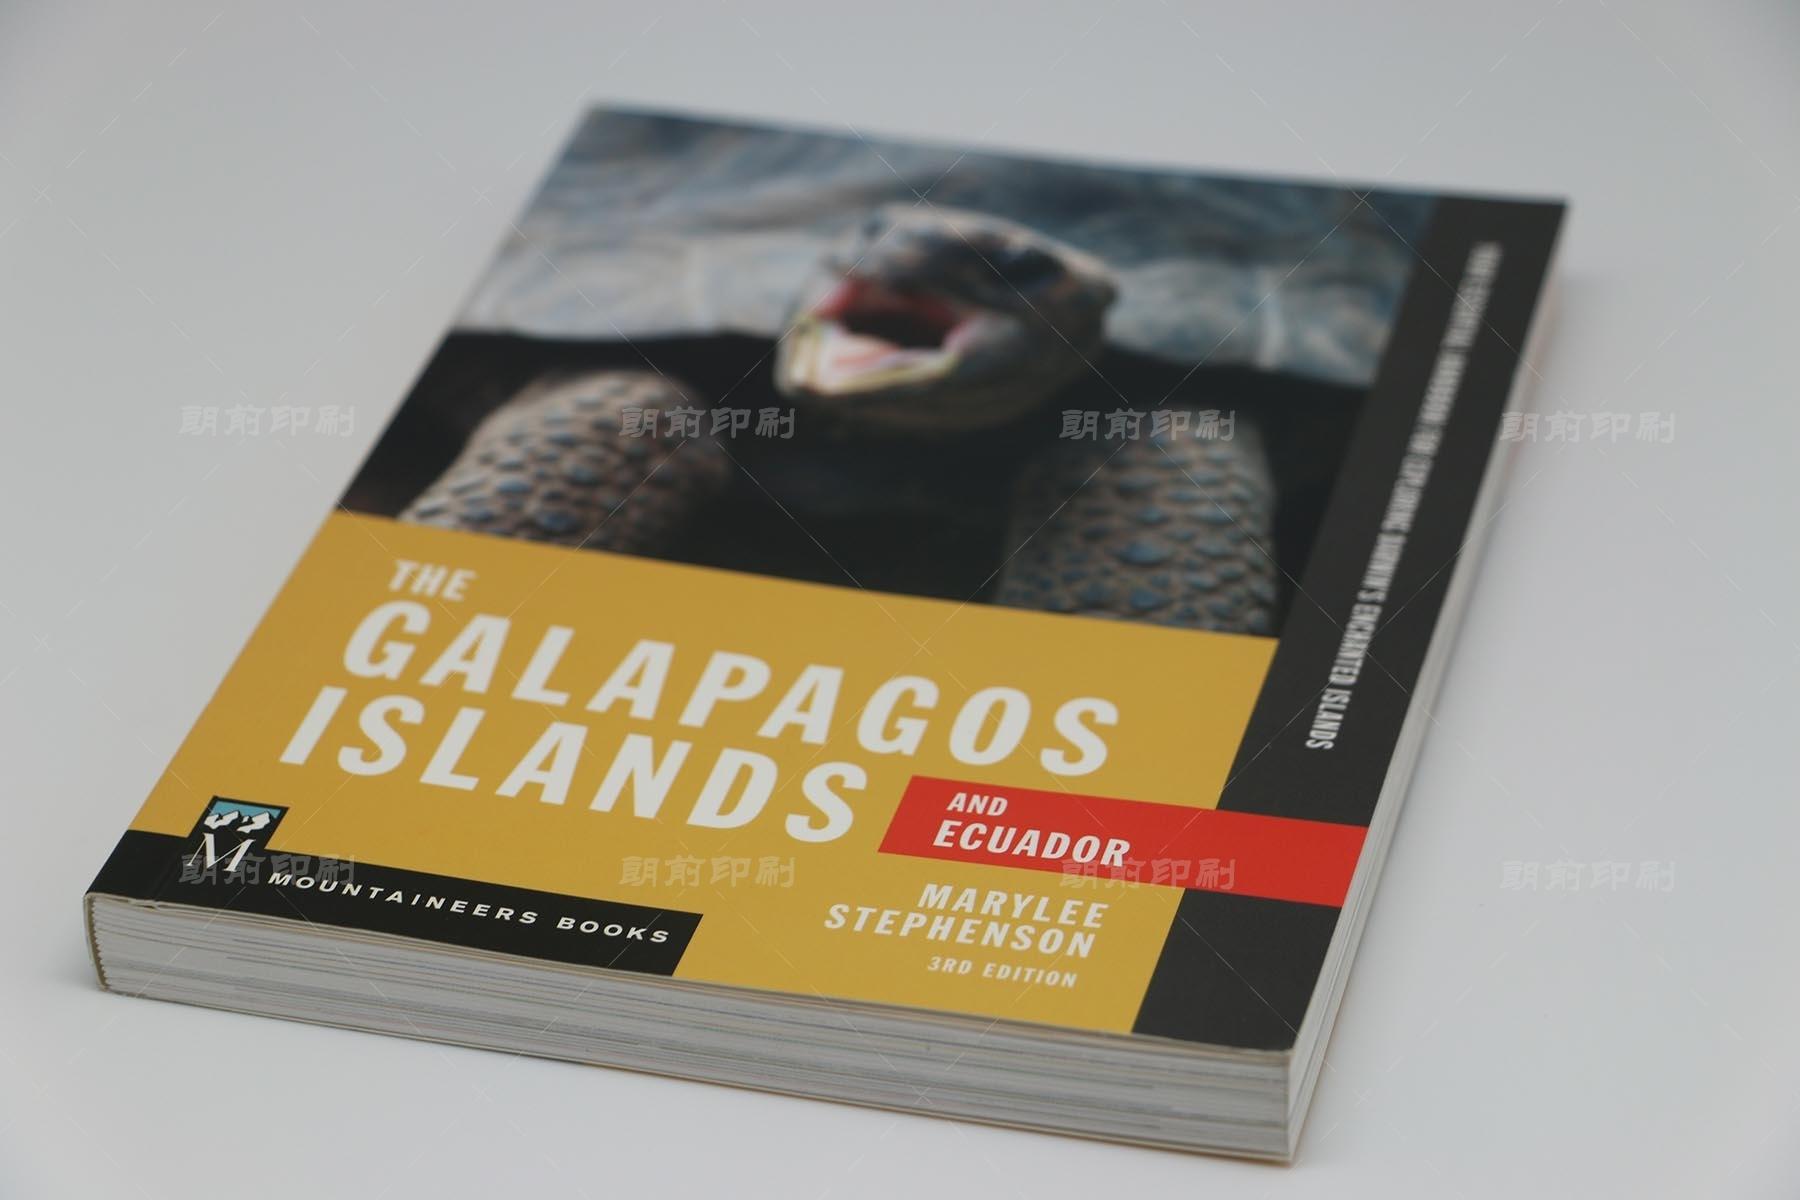 加拉帕戈斯群岛 锁线胶装书印刷